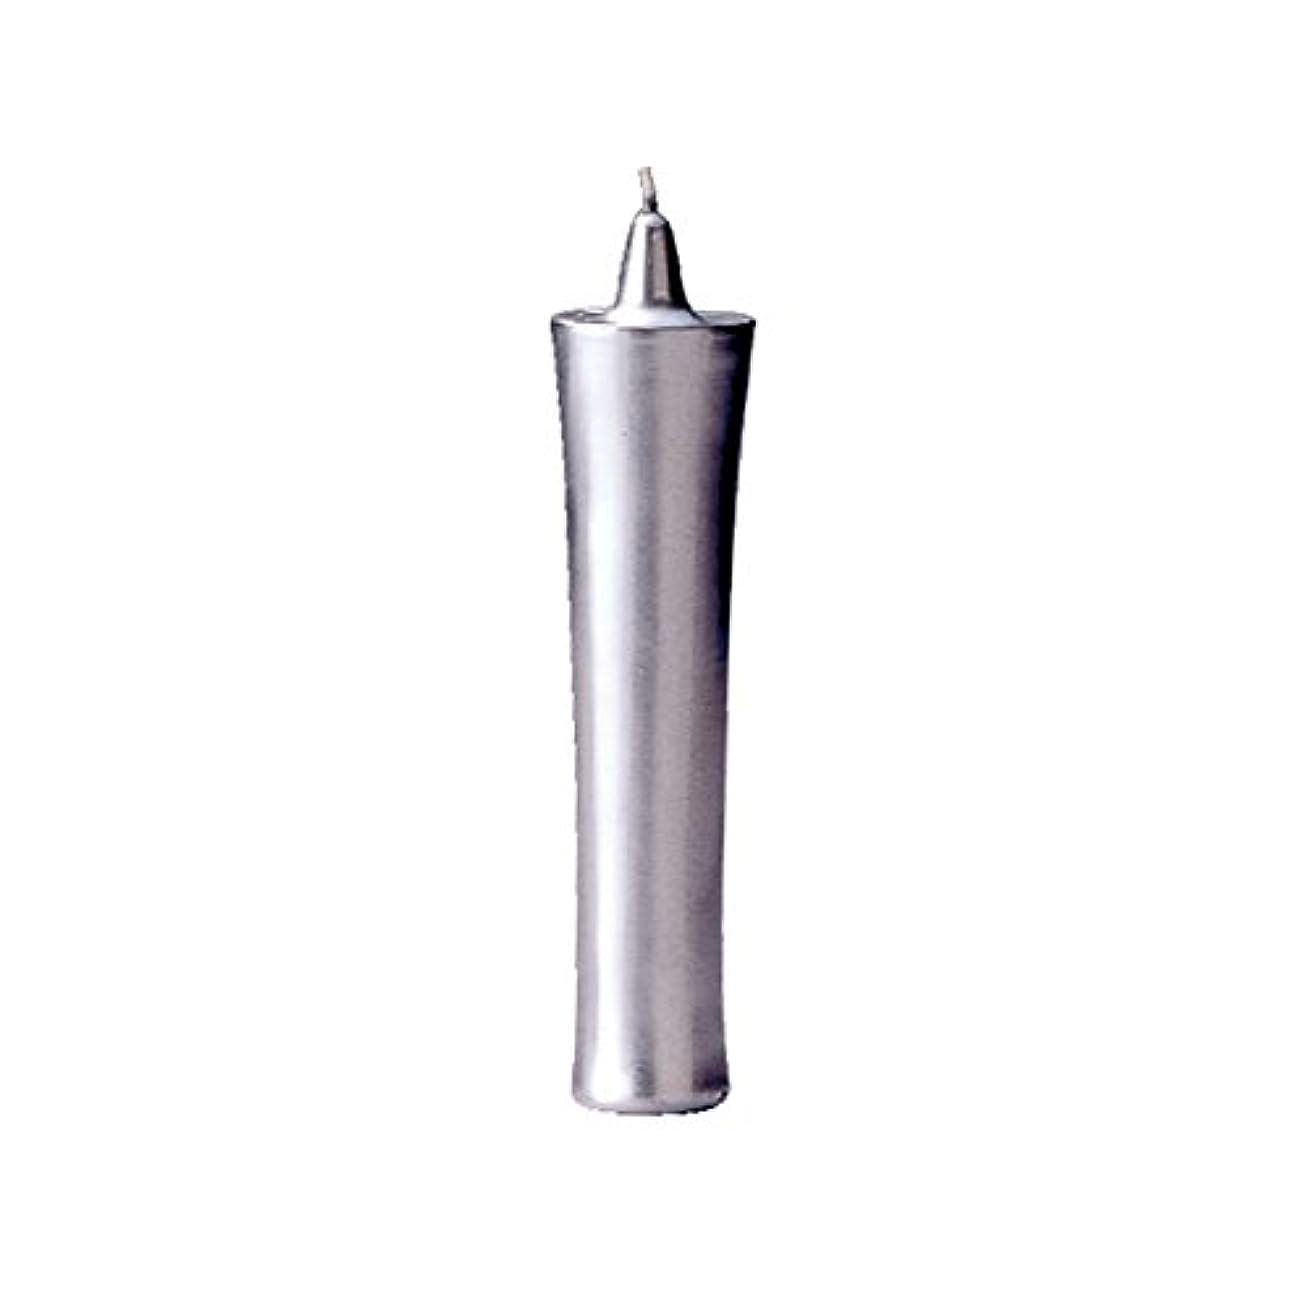 ウルルクスクス批判カメヤマ 和ロー型(C)銀 22cm (1セット)